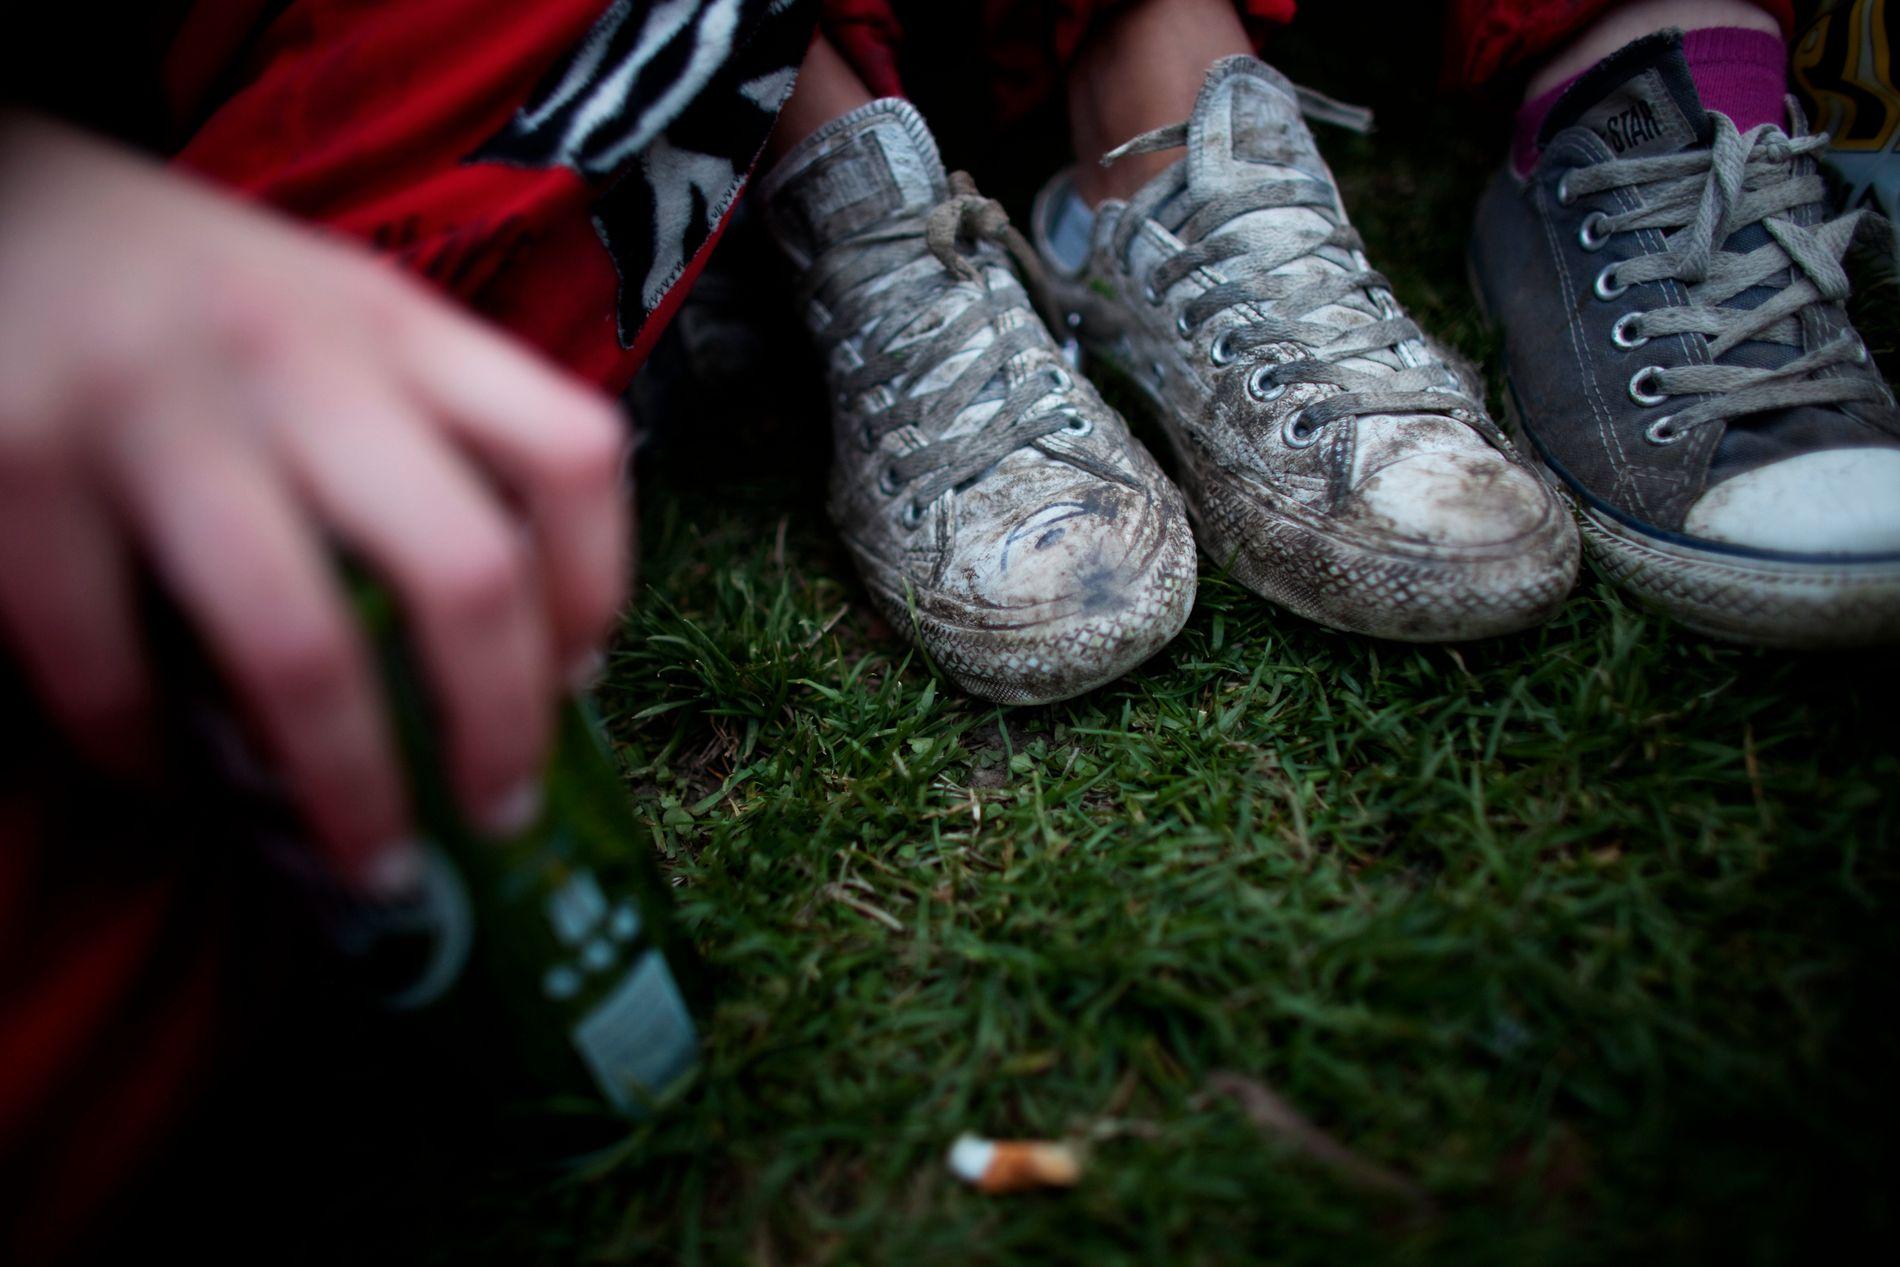 TA PRATEN: – Jeg mener vi svikter ungdommene våre når vi ikke prater med dem om voldtekt og seksuelle grenser, skriver kronikkforfatteren.